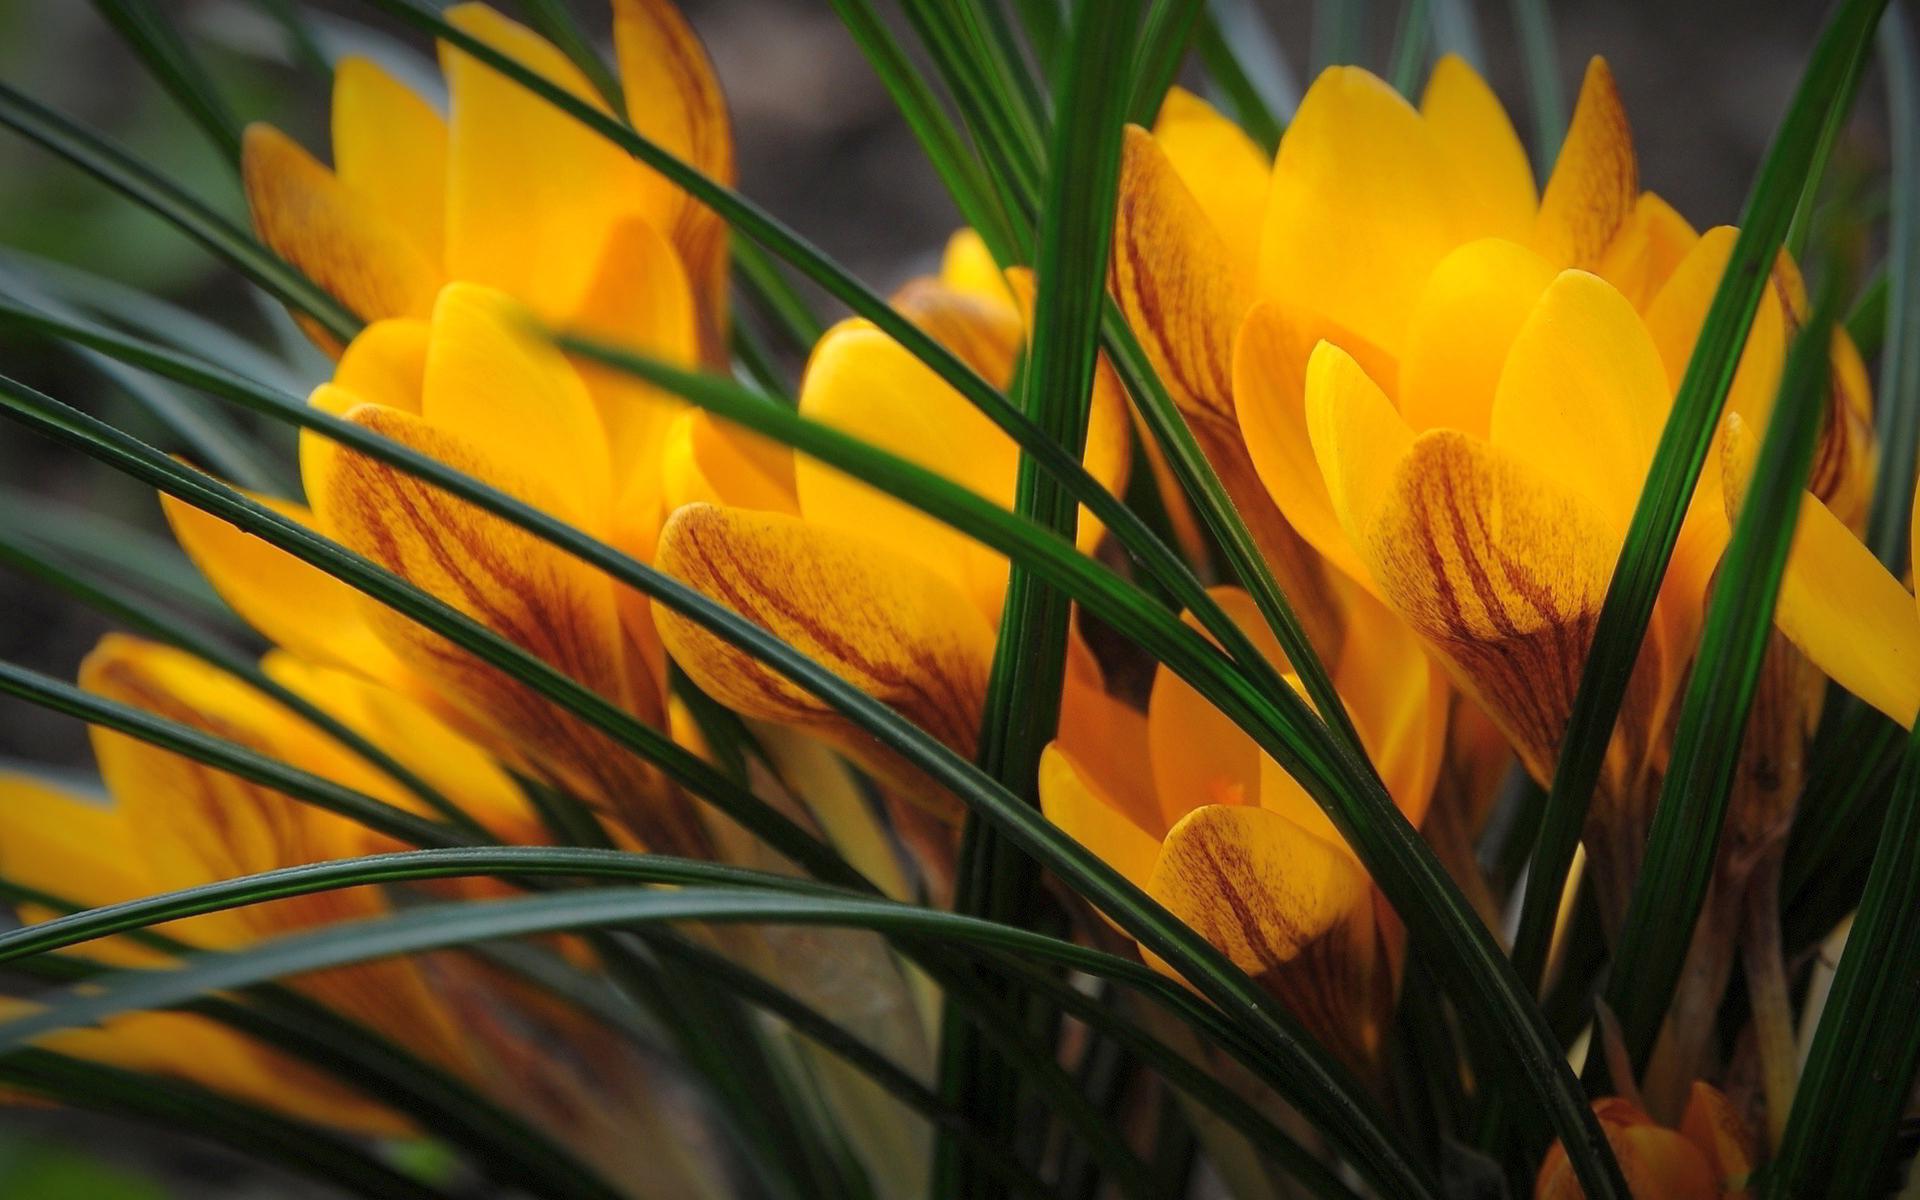 Yellow crocus nature